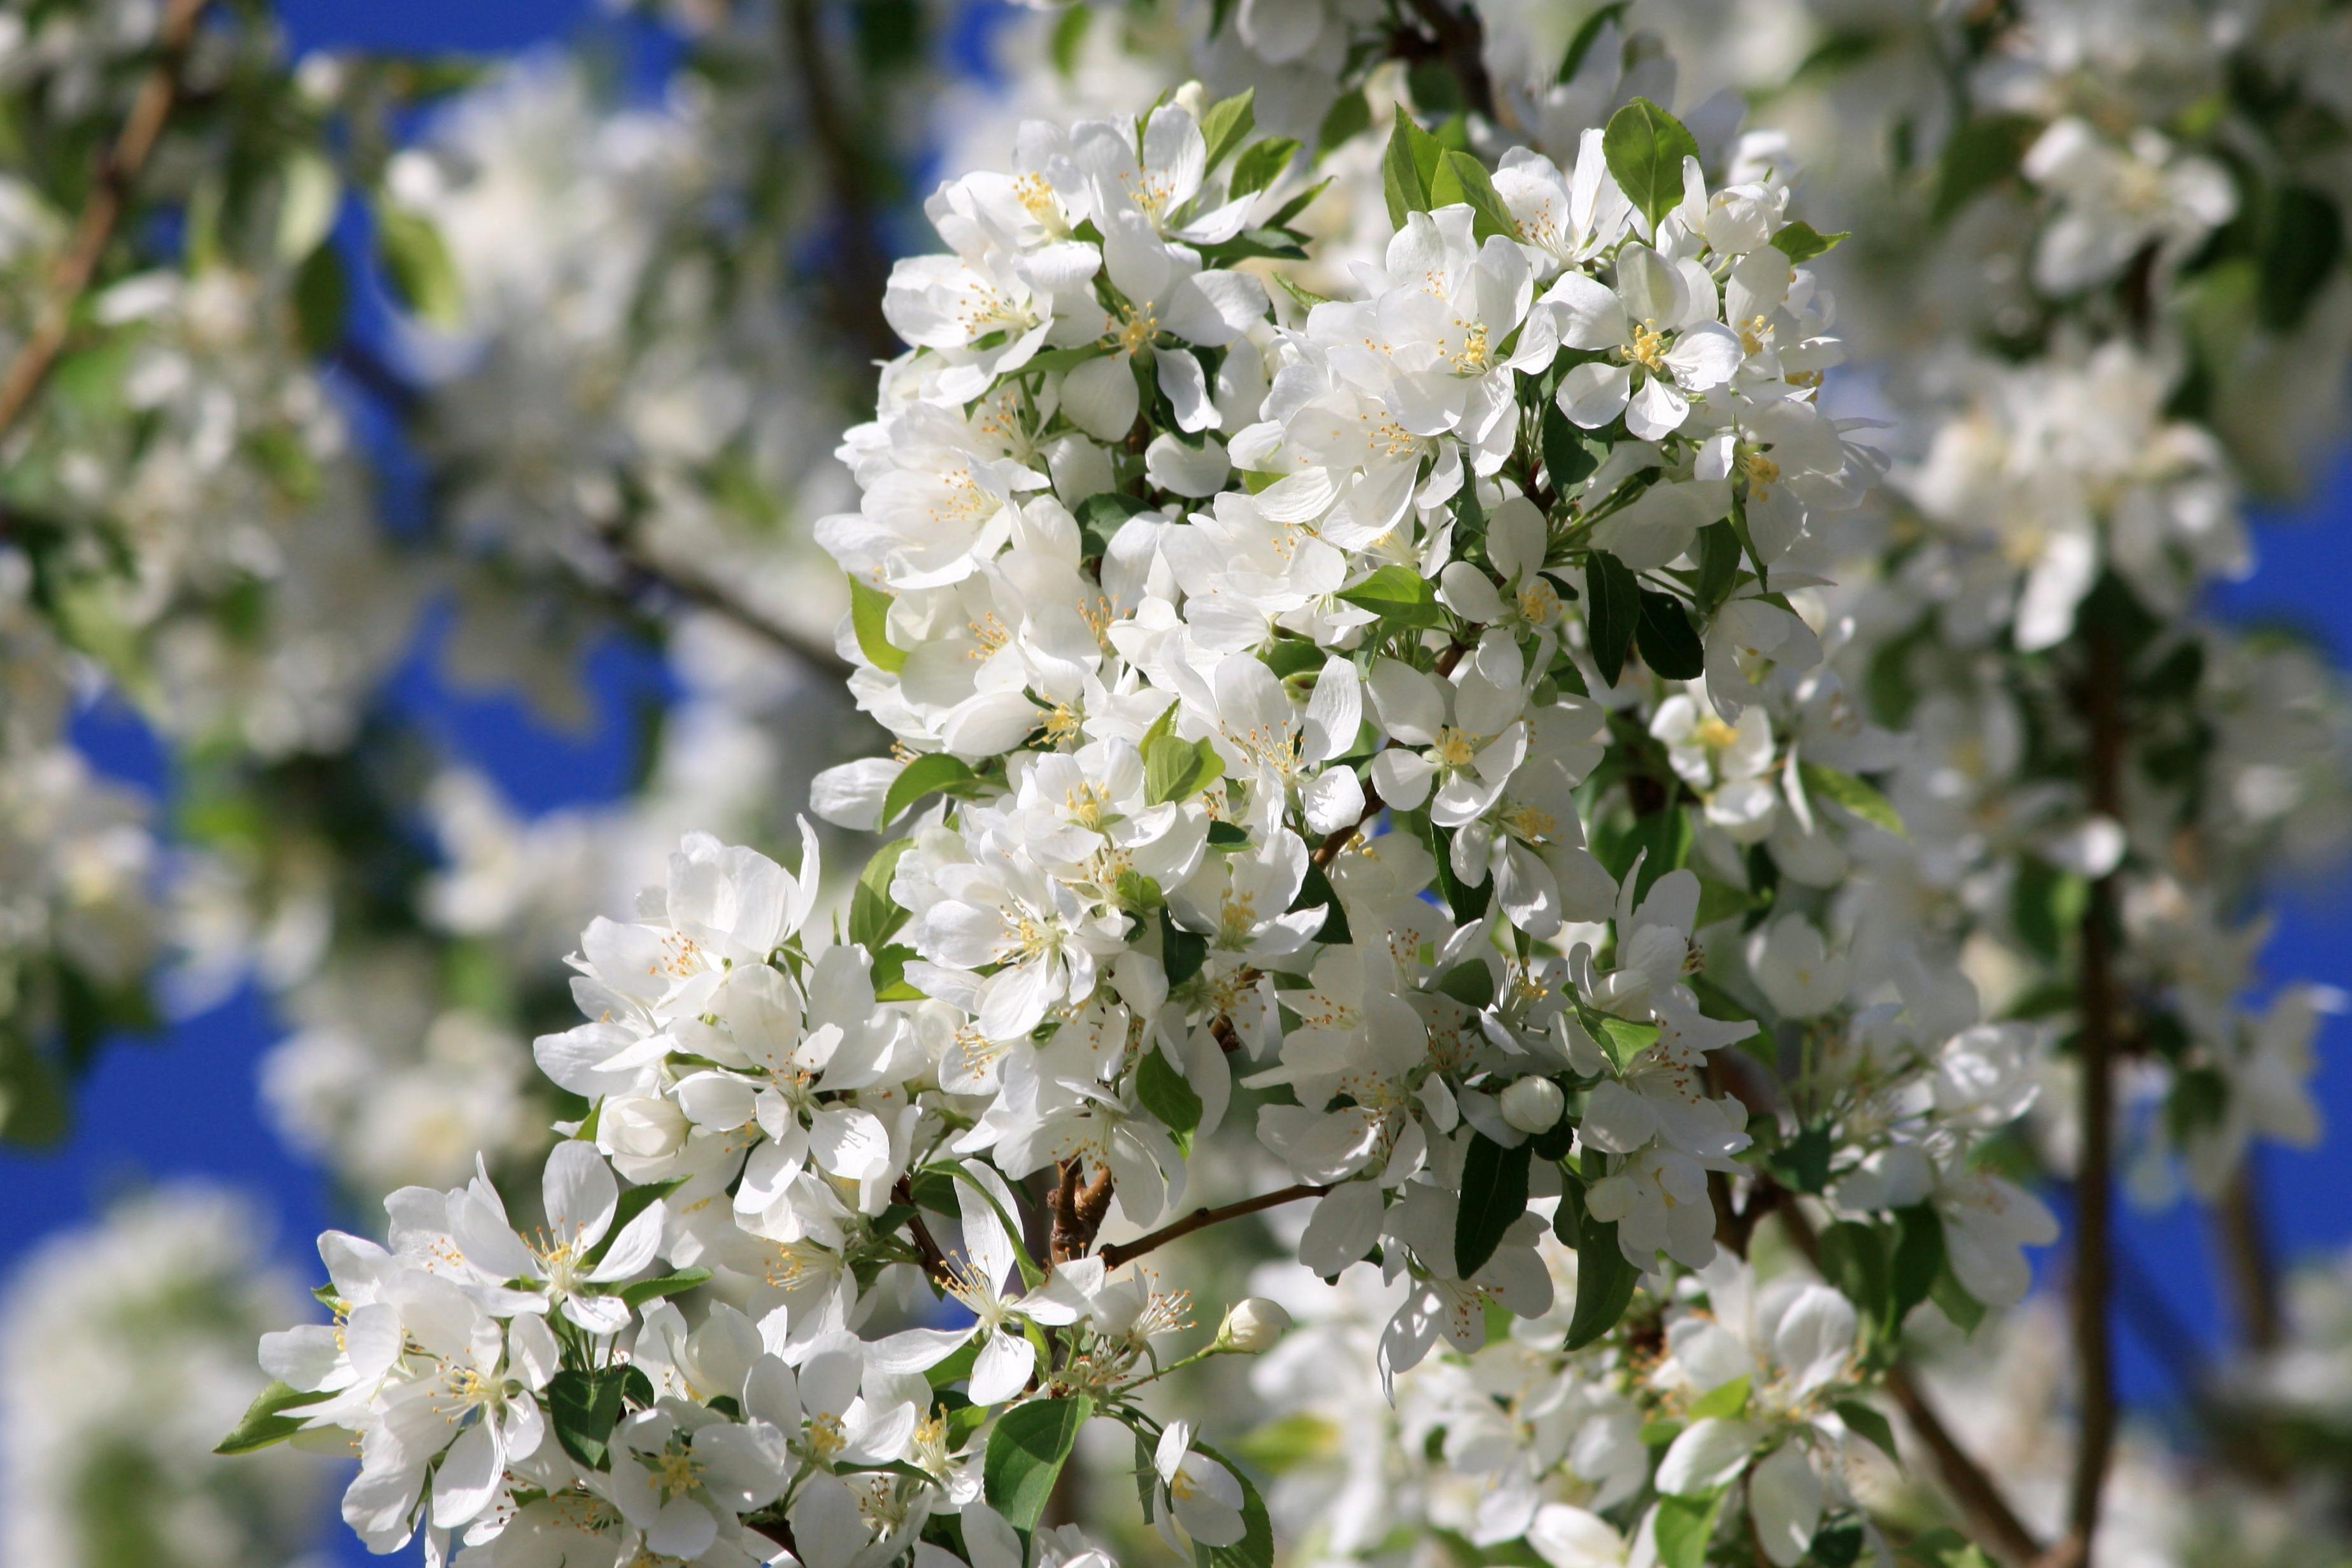 Fiori Bianchi In Primavera.Foto Gratis Frutteto Fiori Bianchi Fiori Mela Albero Primavera